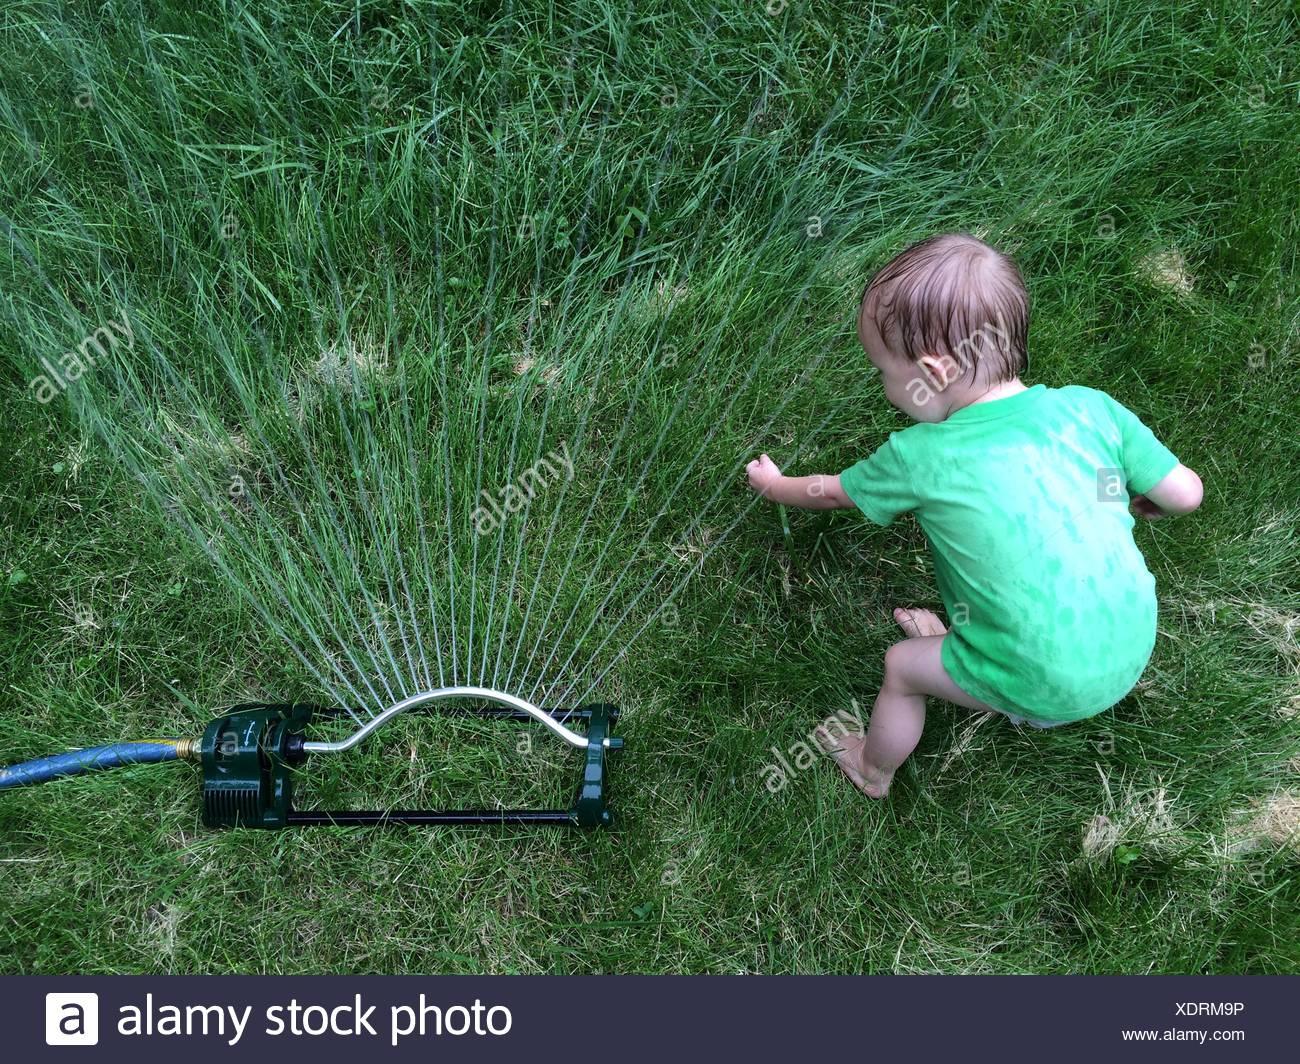 Portrait de l'enfant jouant par sprinkleurs On Grassy Field Photo Stock